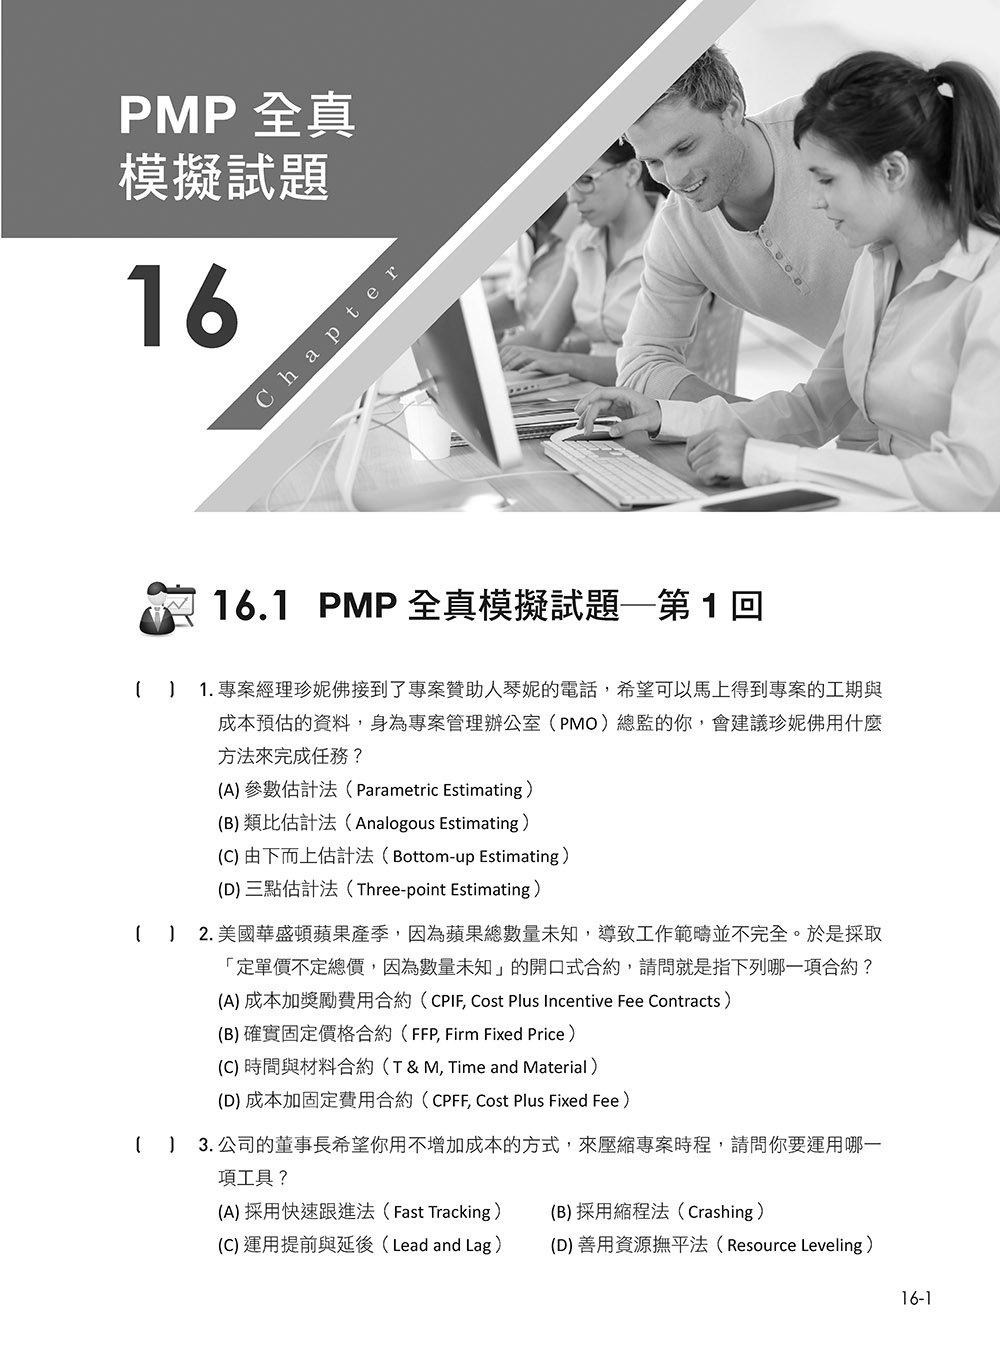 專案管理輕鬆學:PMP 國際專案管理師教戰寶典-preview-16